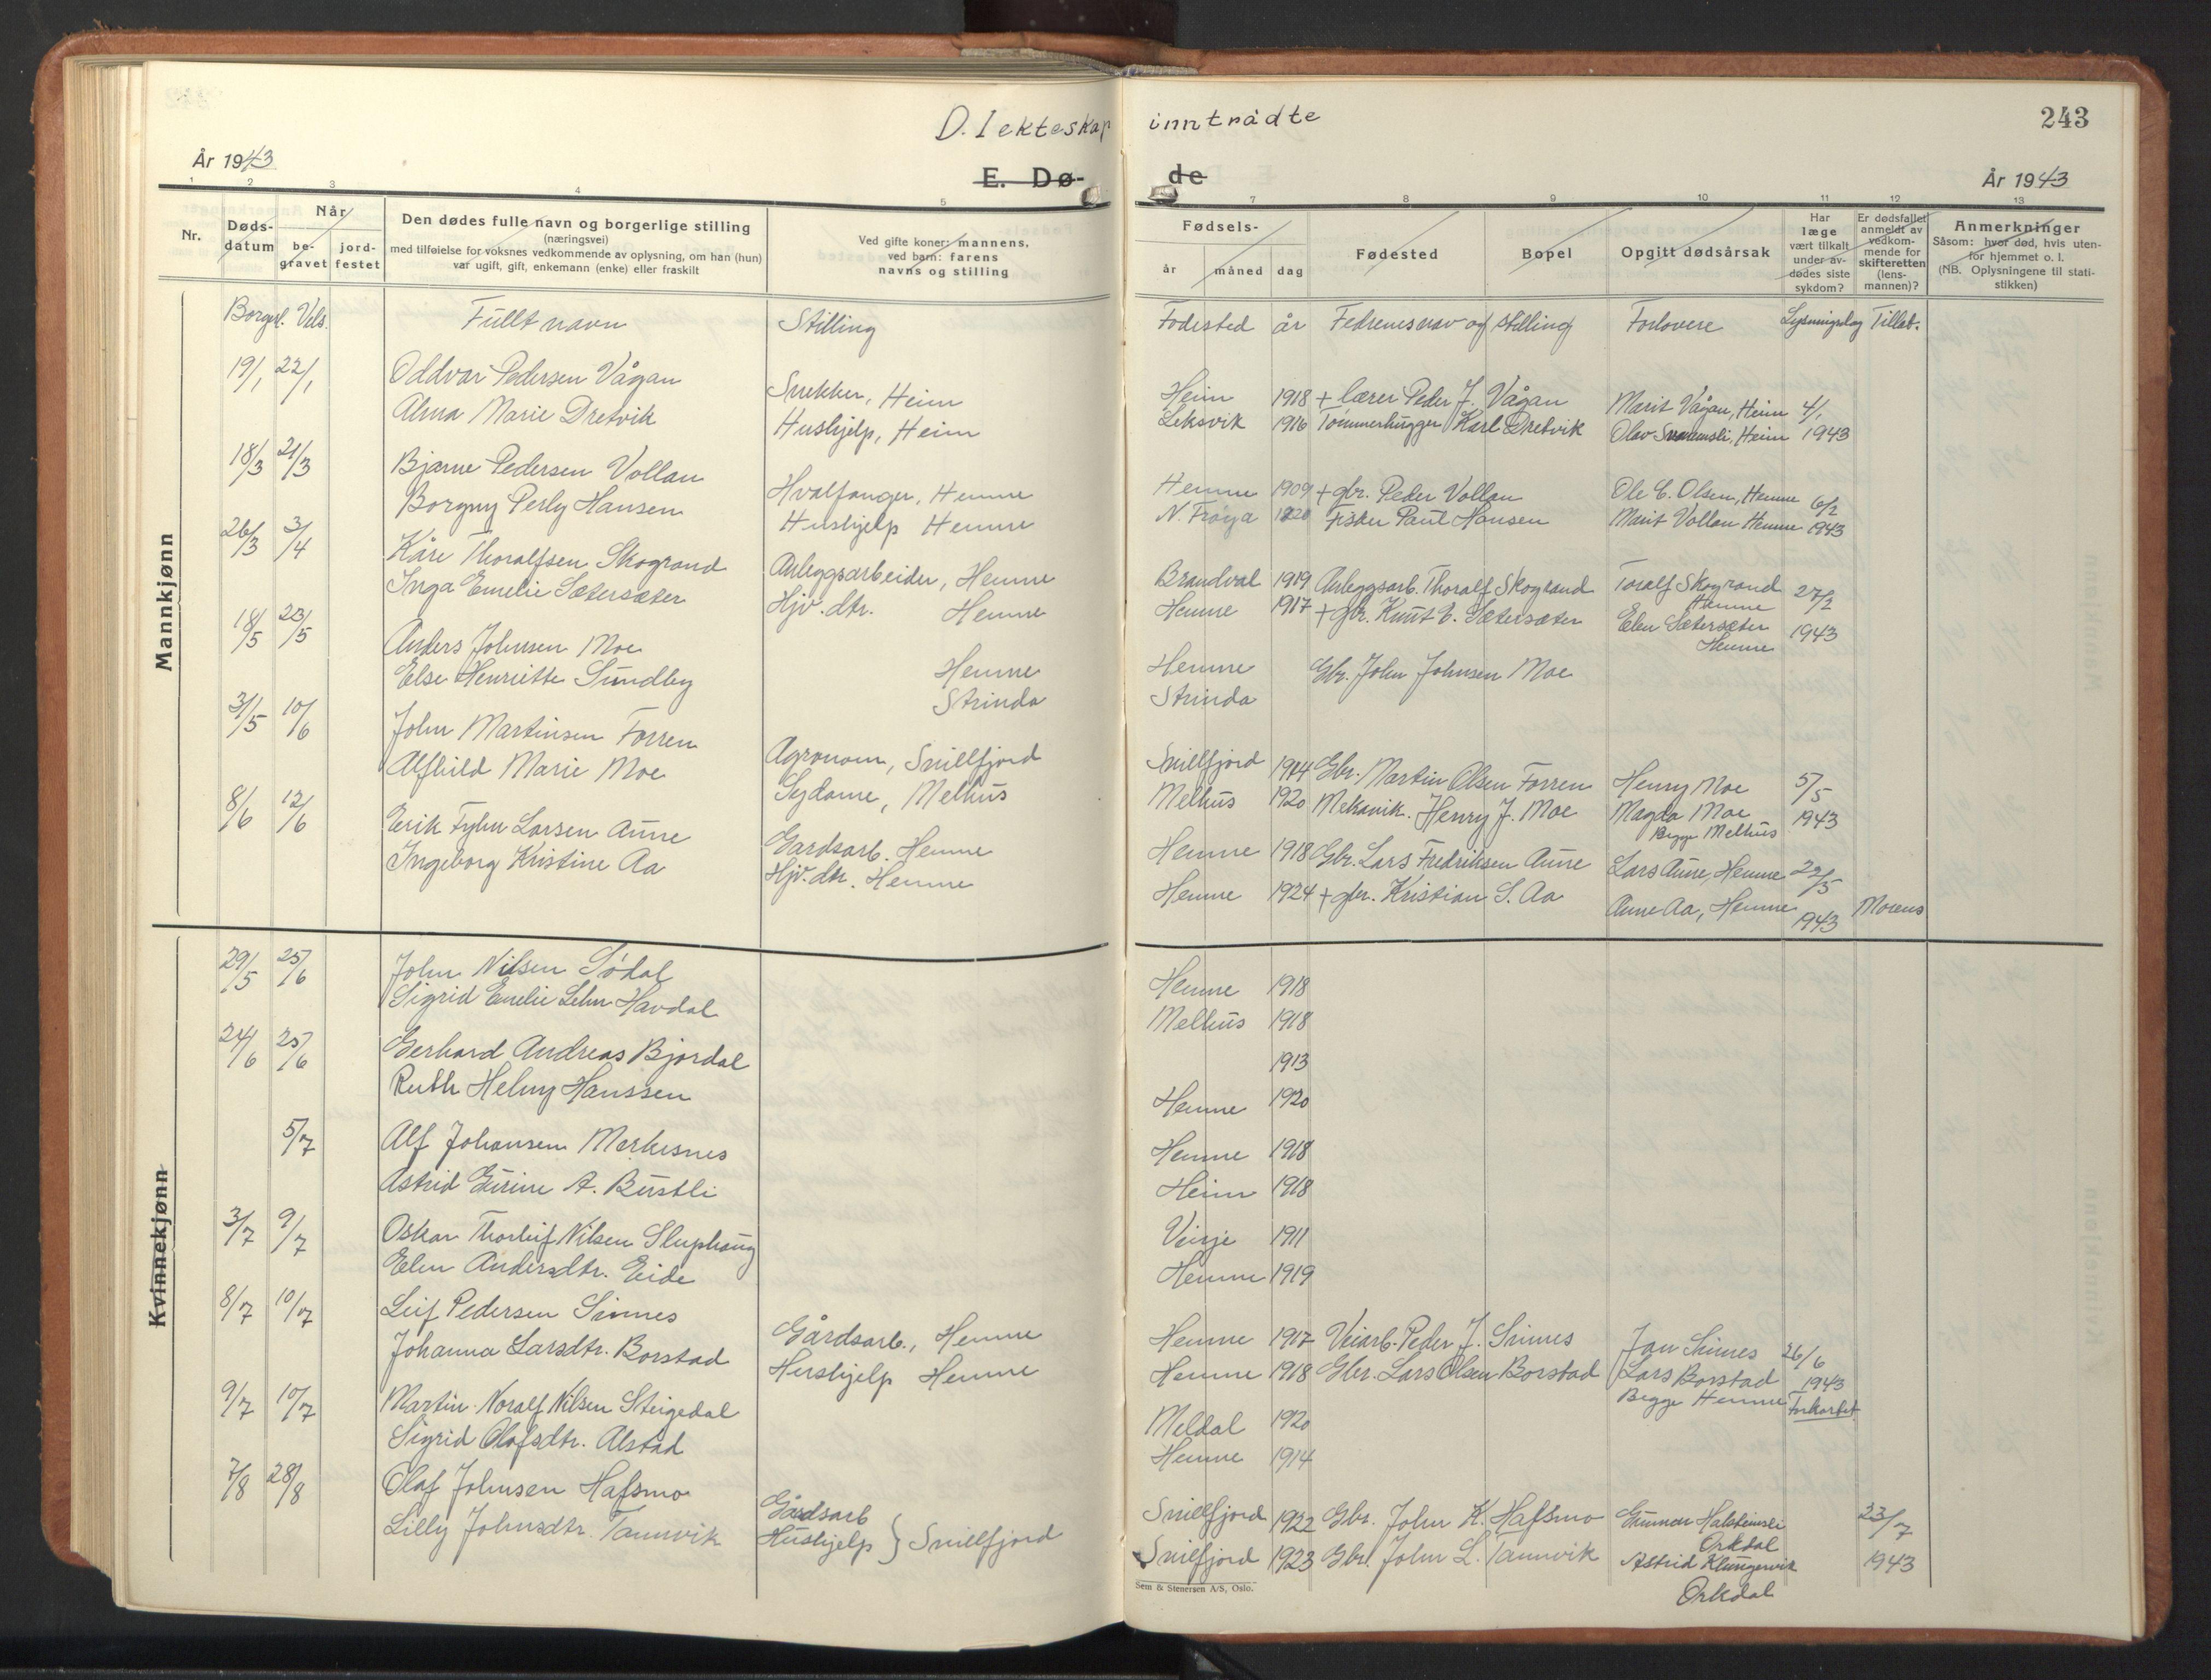 SAT, Ministerialprotokoller, klokkerbøker og fødselsregistre - Sør-Trøndelag, 630/L0508: Klokkerbok nr. 630C06, 1933-1950, s. 243